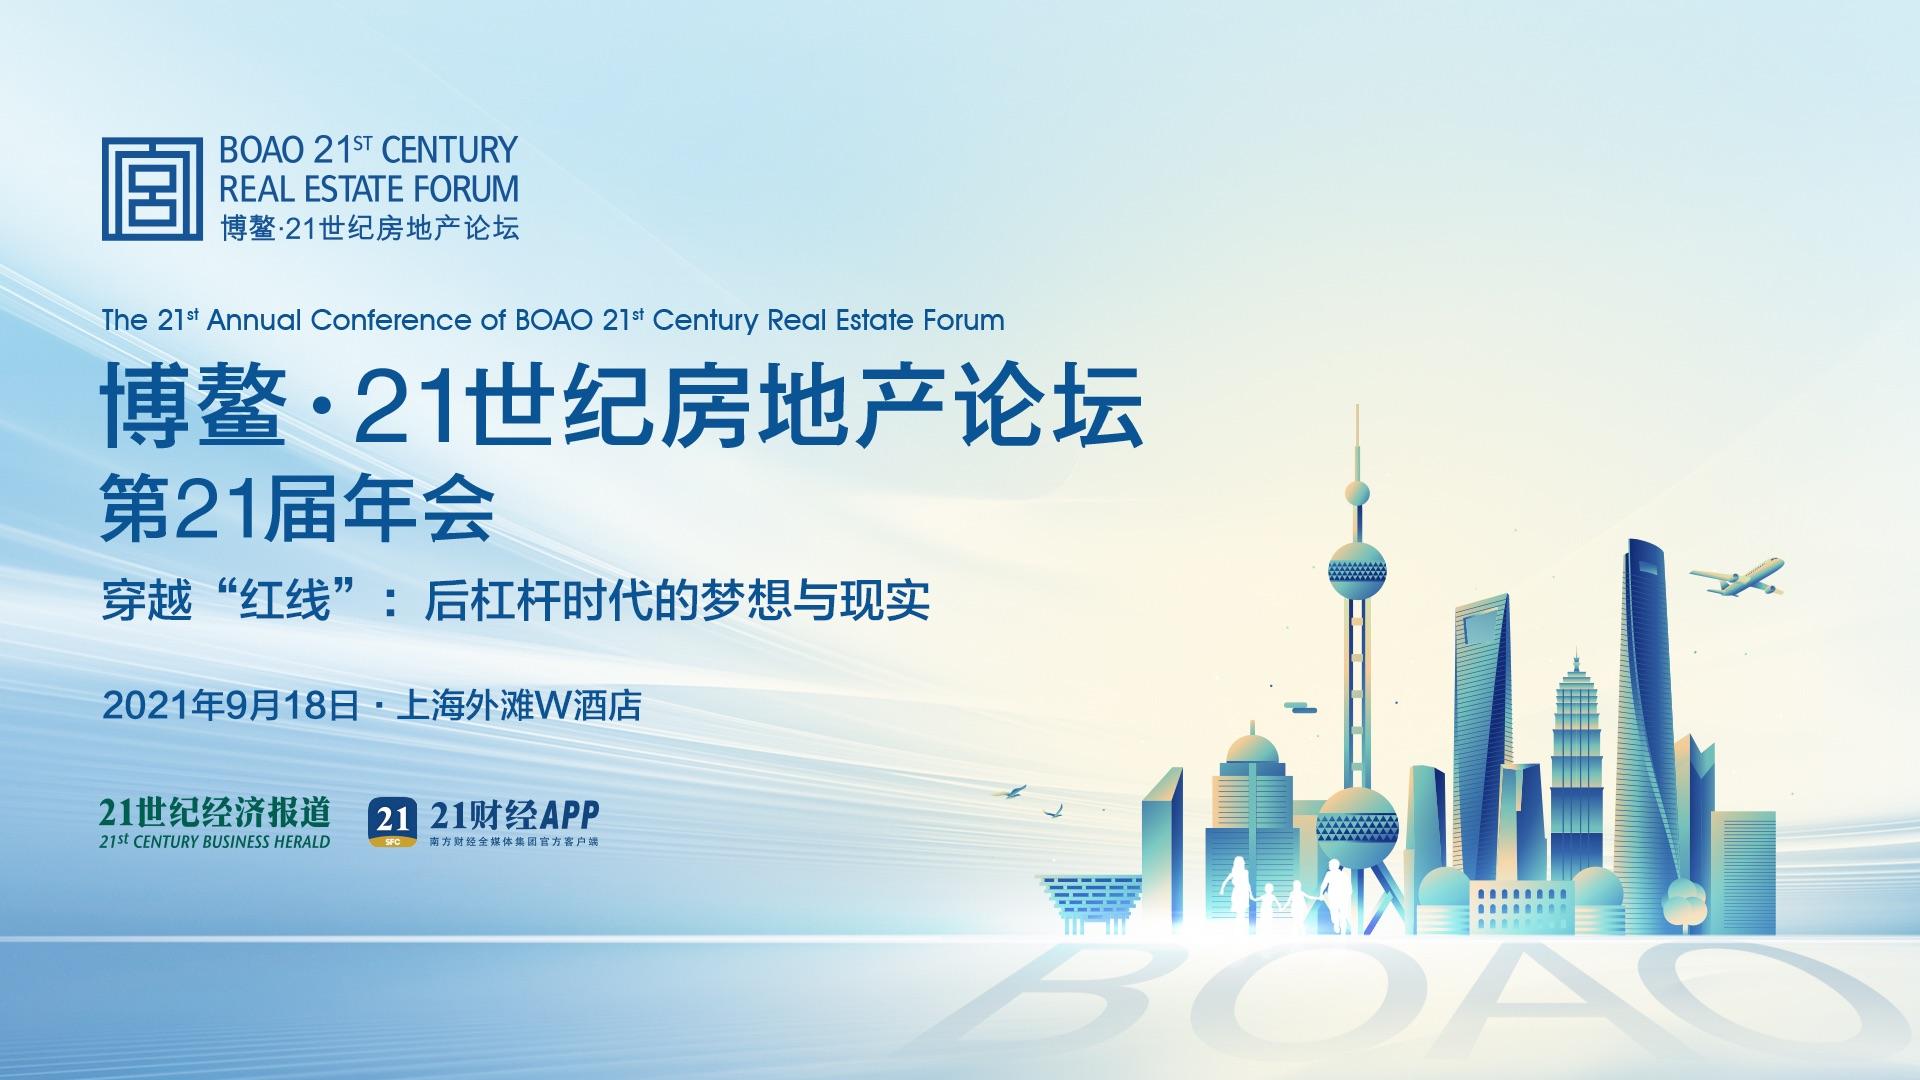 博鰲·21世紀房地產論壇第21屆年會